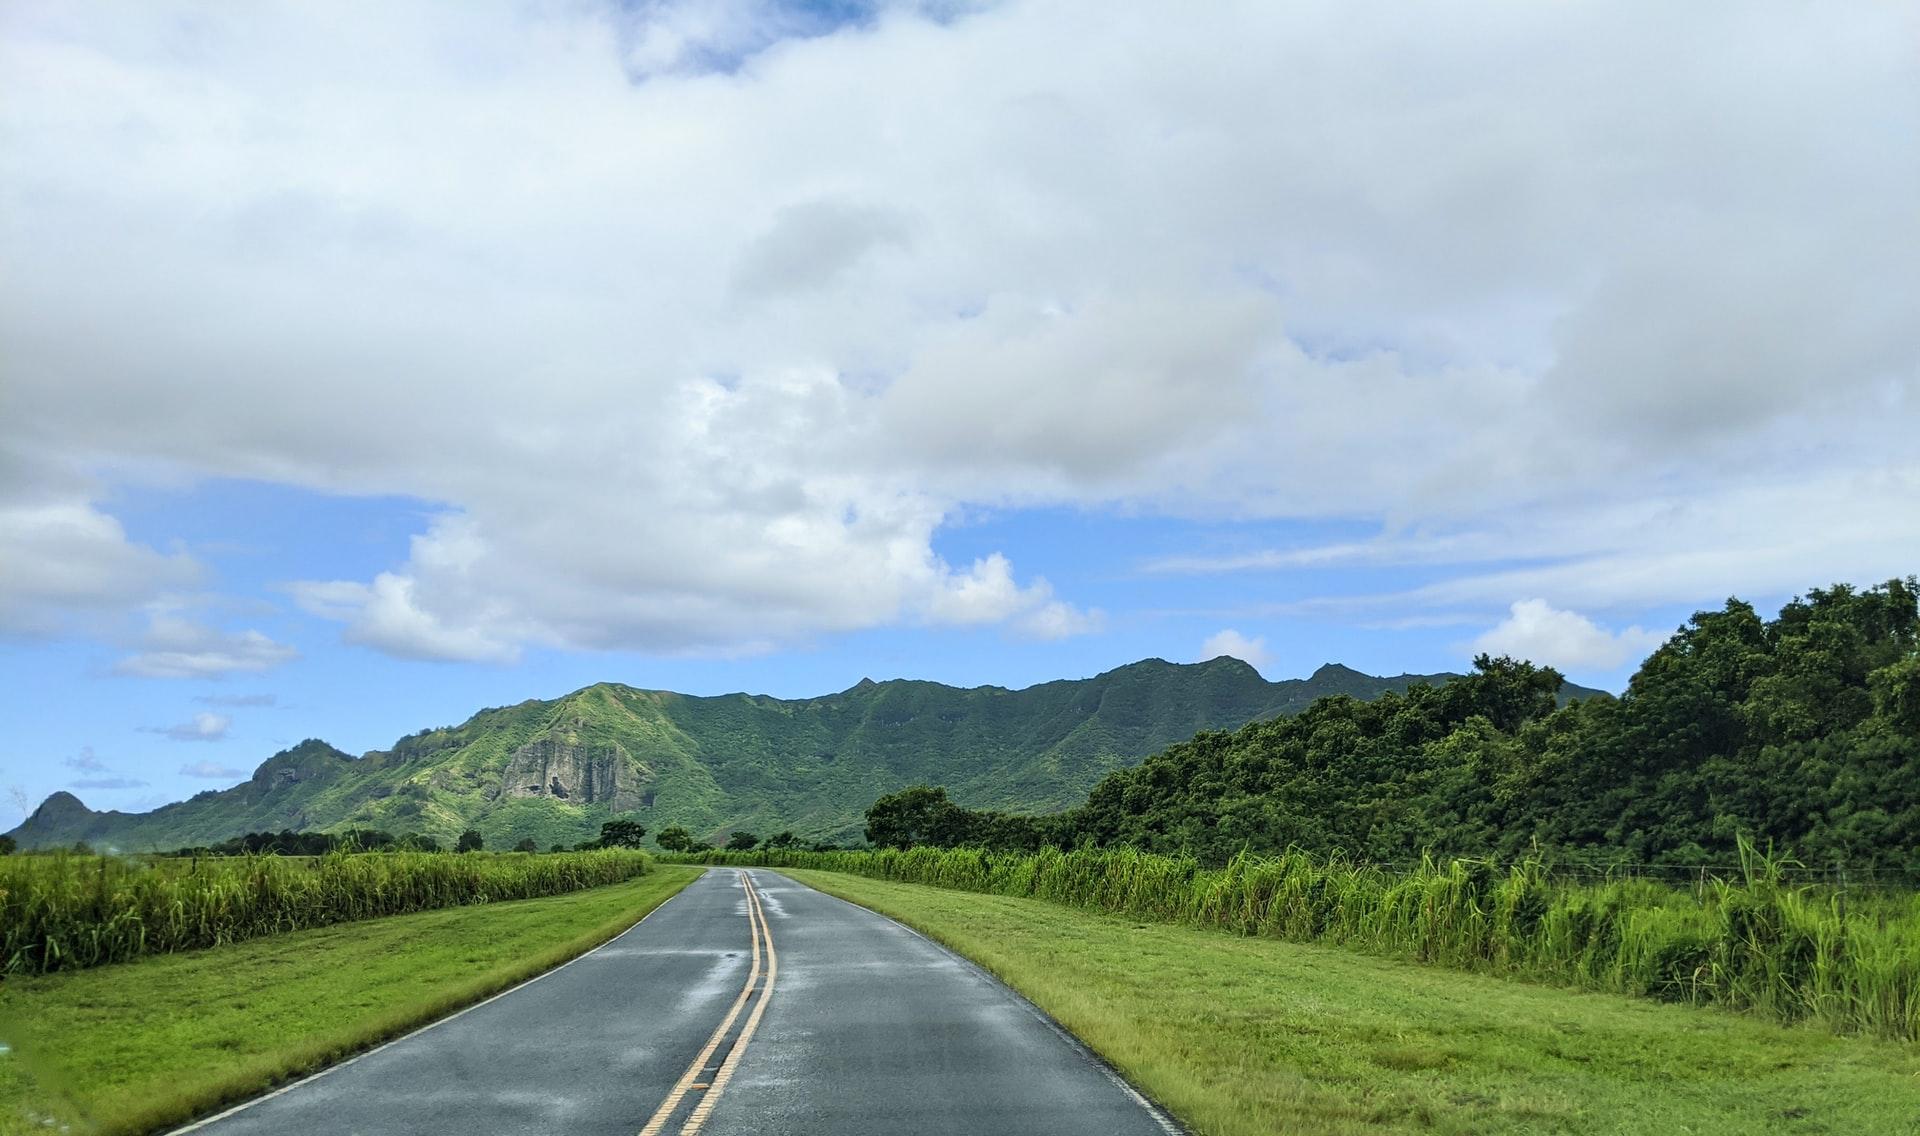 Hawaii road drive